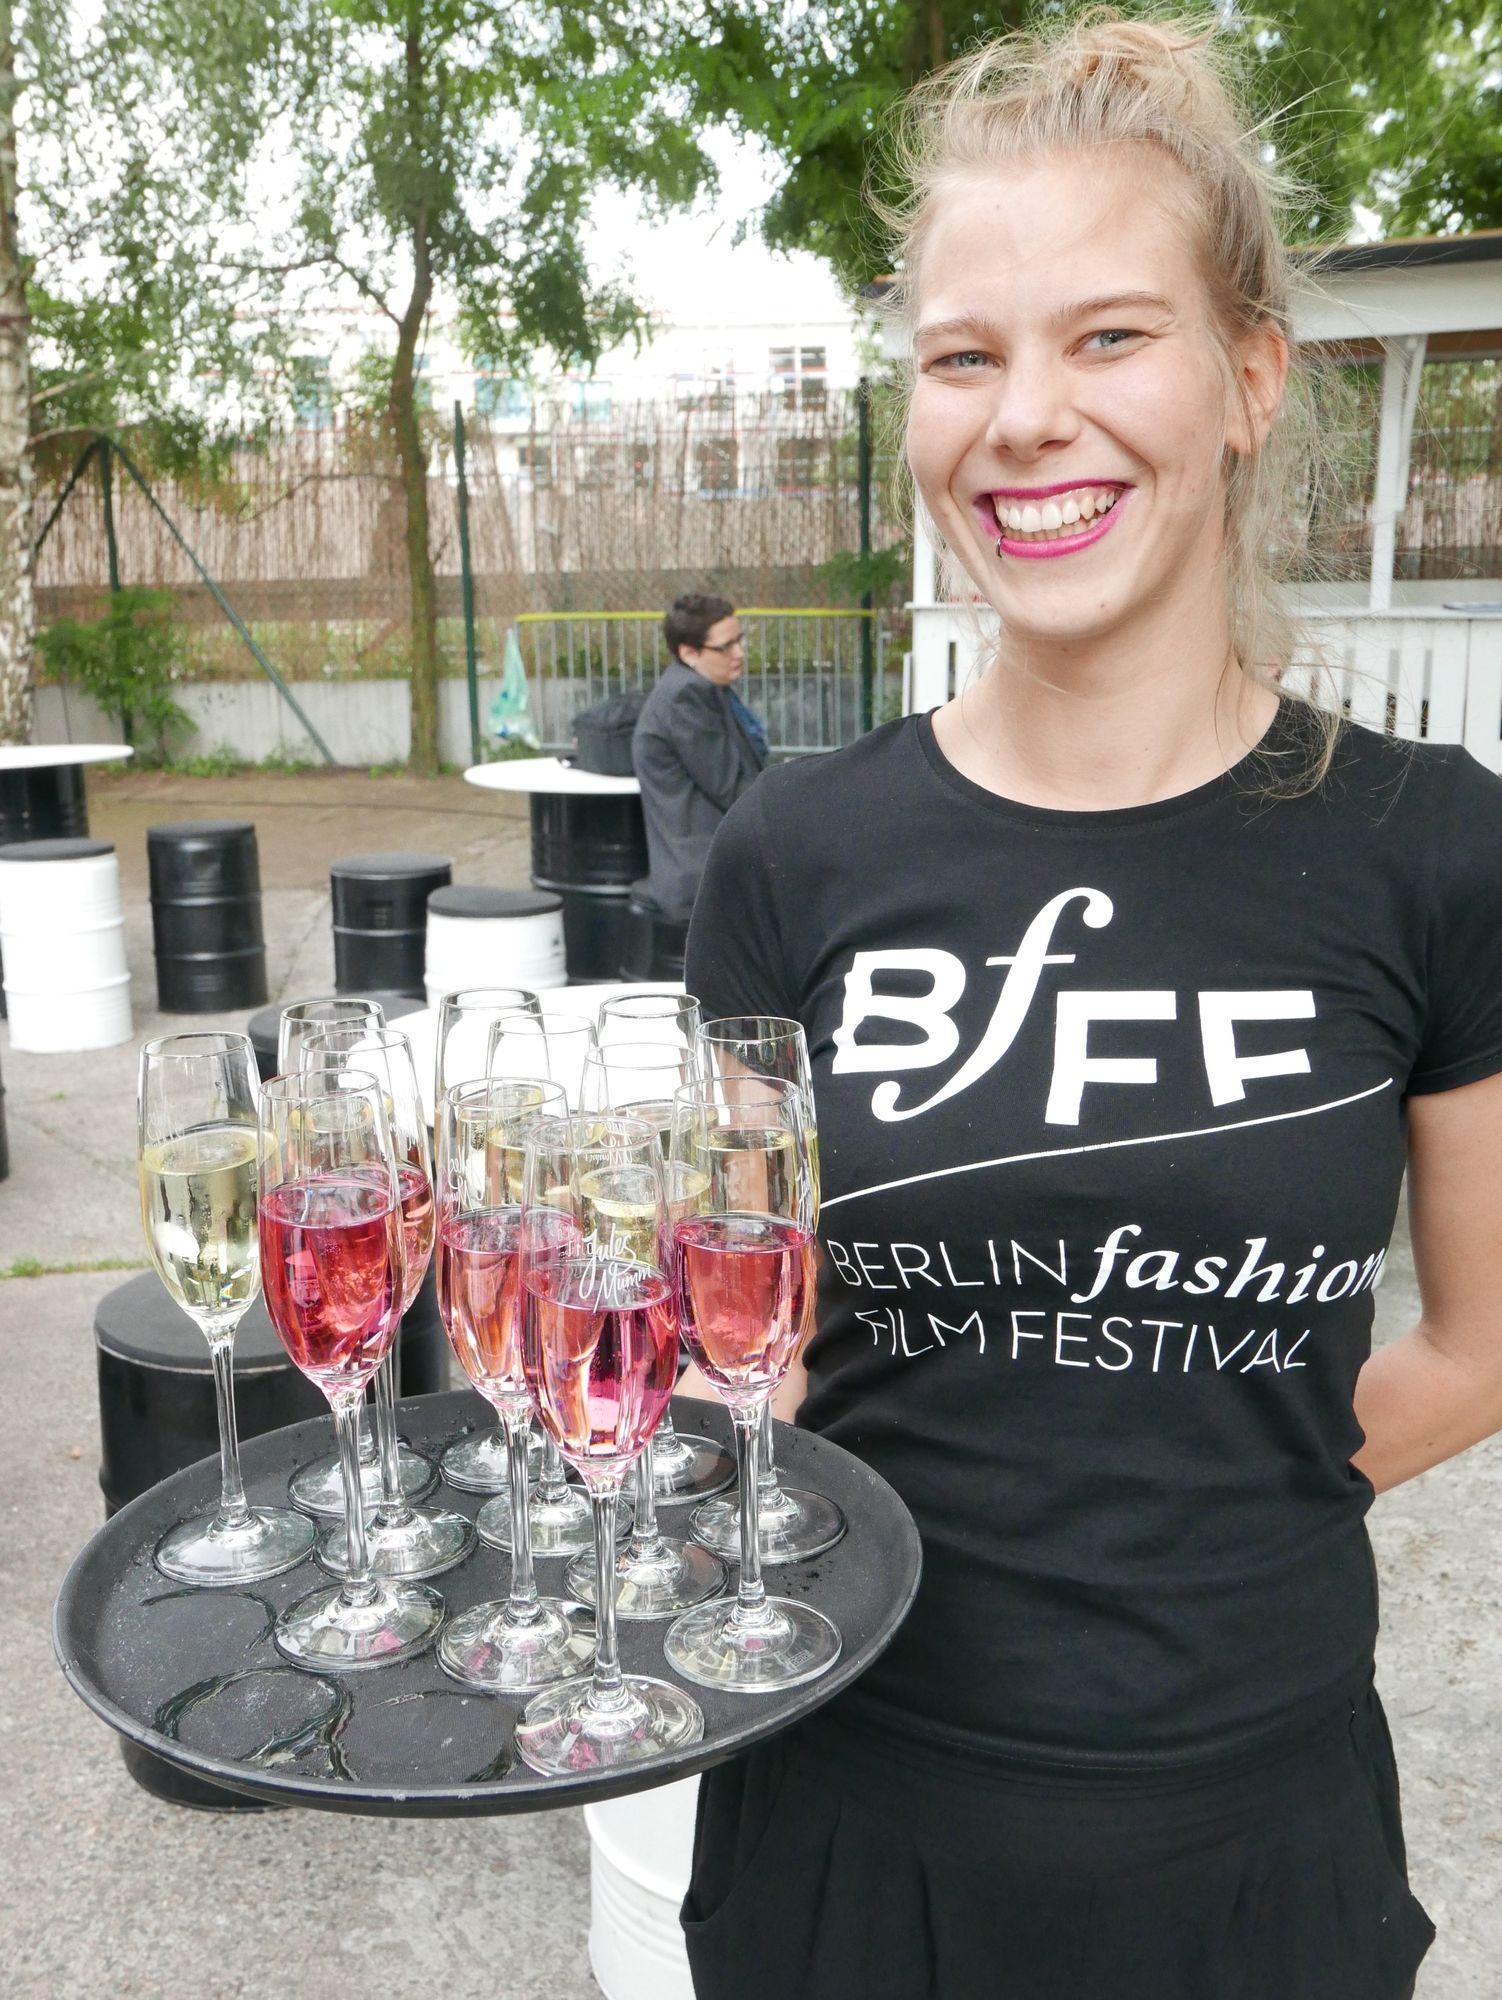 BFFF Berlin Fashion Film Festival 2016